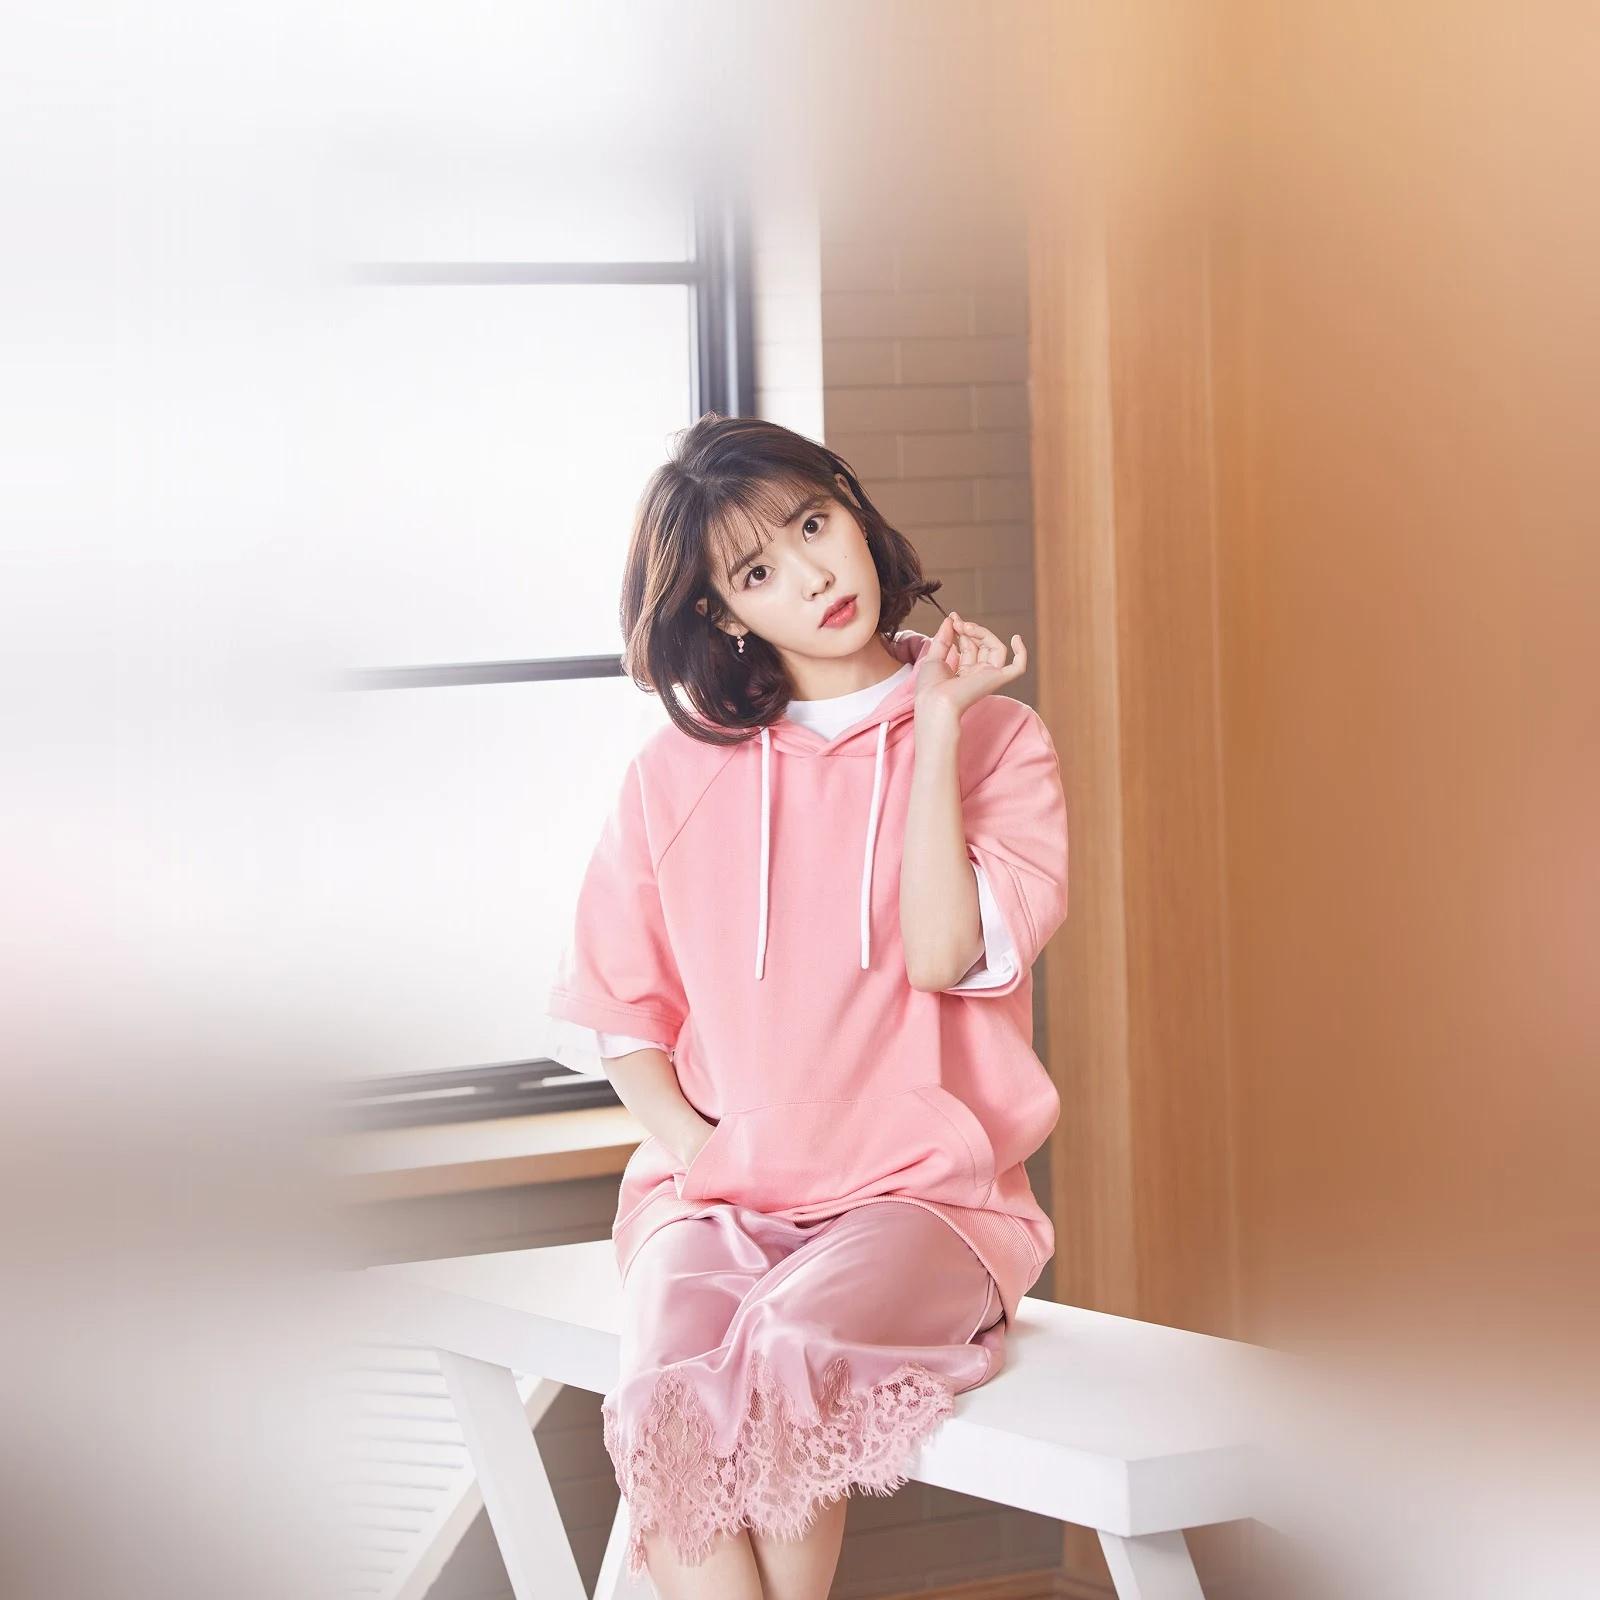 韩国当红偶像IU真是什么颜色都能驾驭啊!插图20